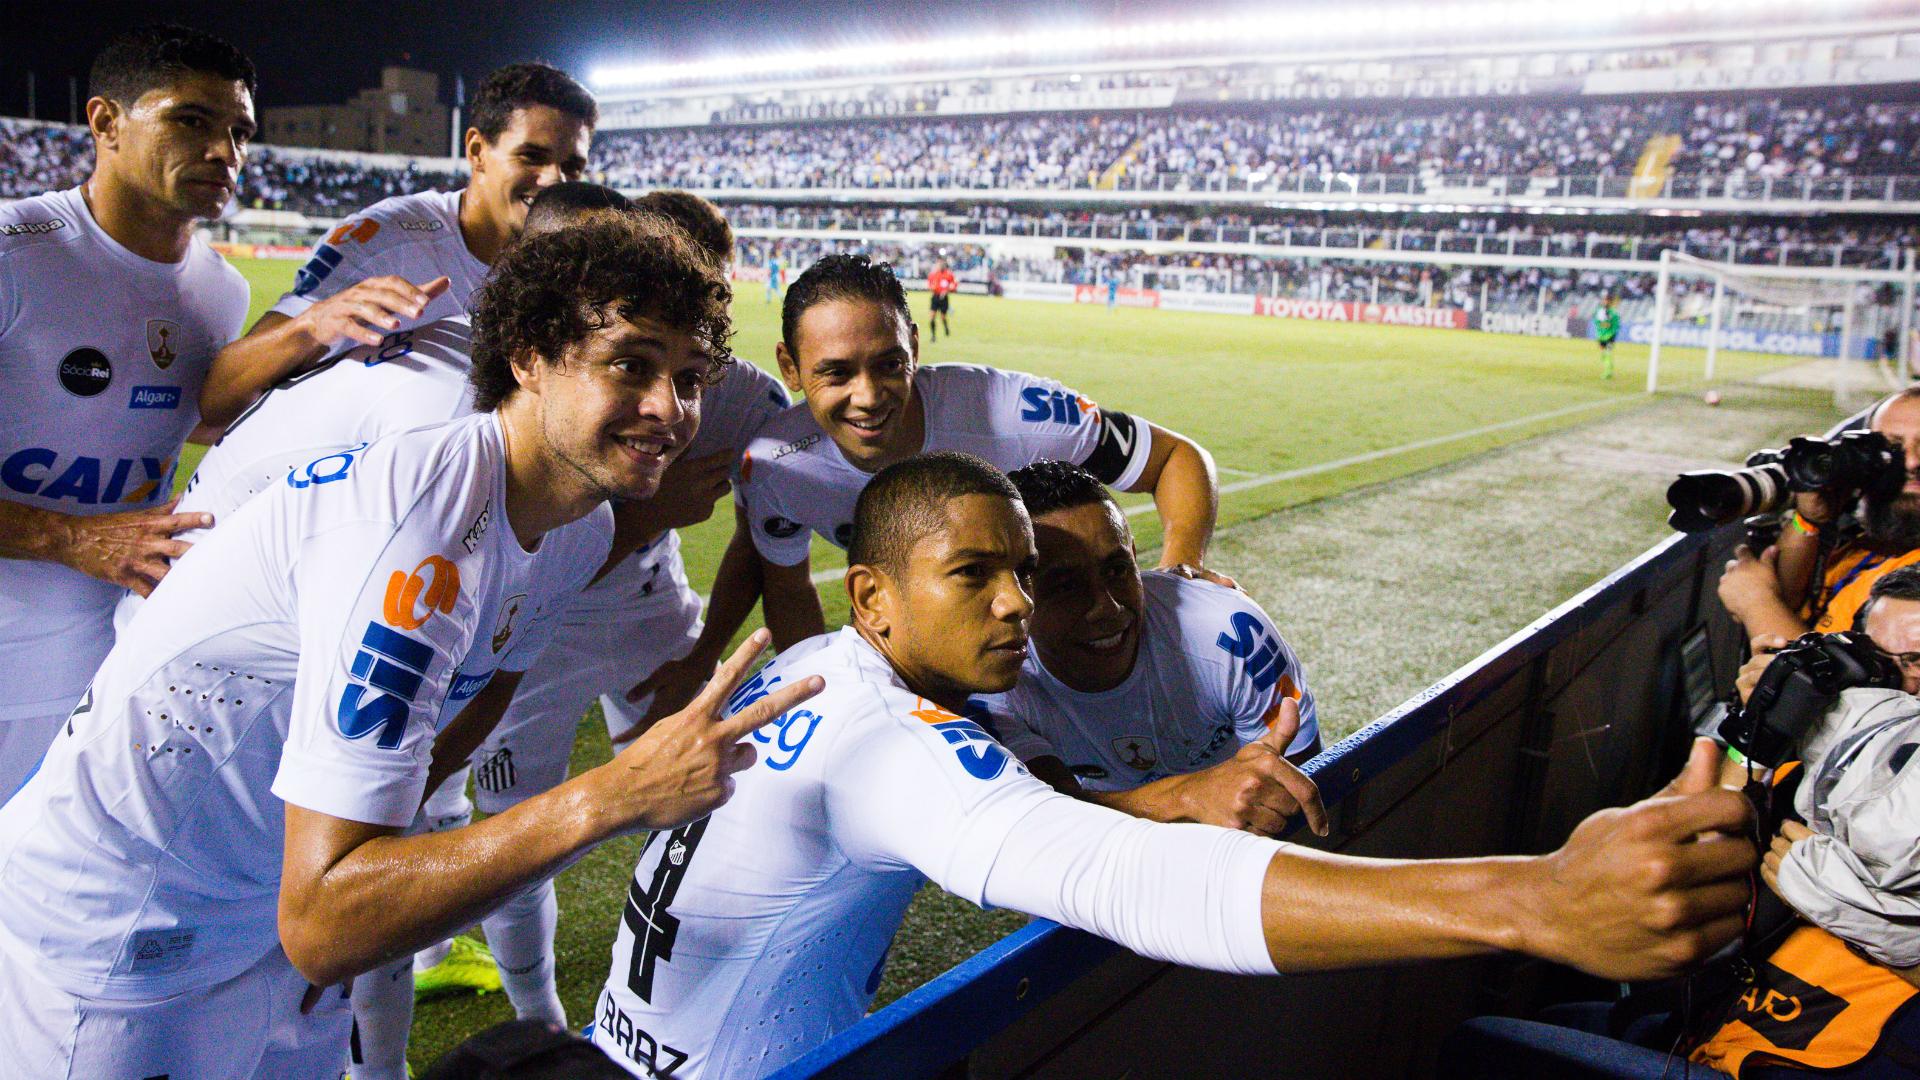 La vergonzosa pelea de Diego Ifrán con los hinchas rimenses — Sporting Cristal